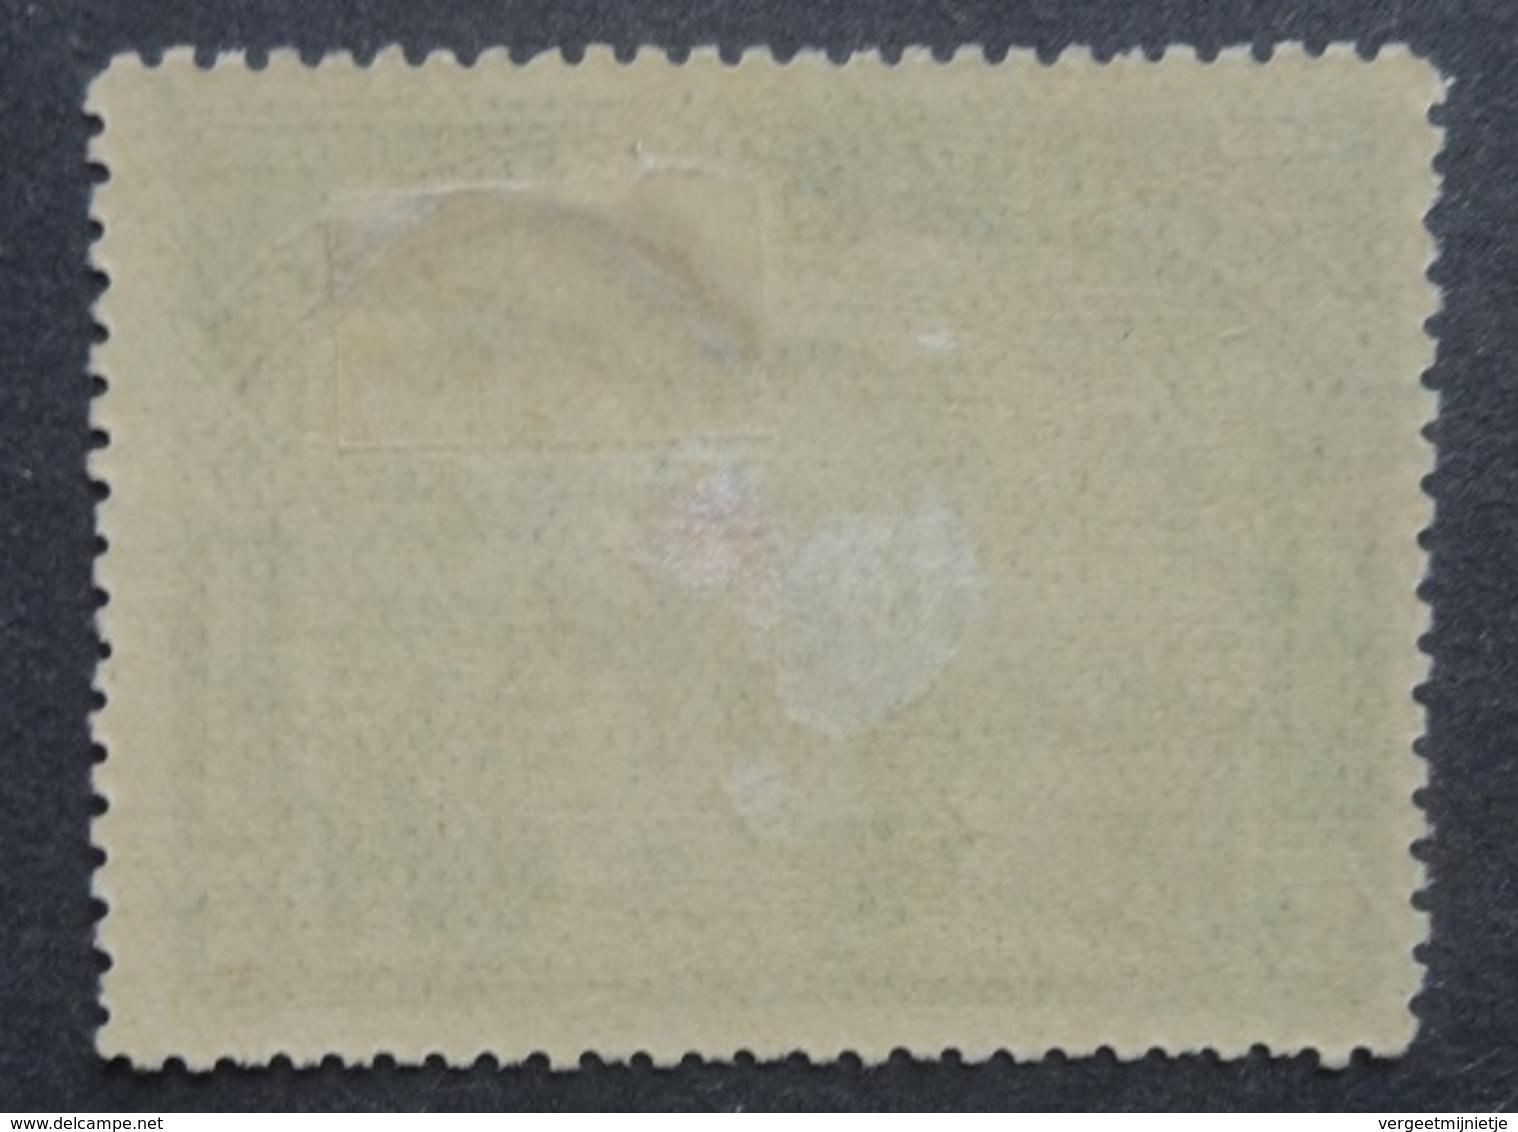 BELGIE  1915   Nr. 135 - 149   Scharnier *  Met Zegel 'witte Neger' En Kleurnuance 148 En 149    CW  680,00 - 1915-1920 Albert I